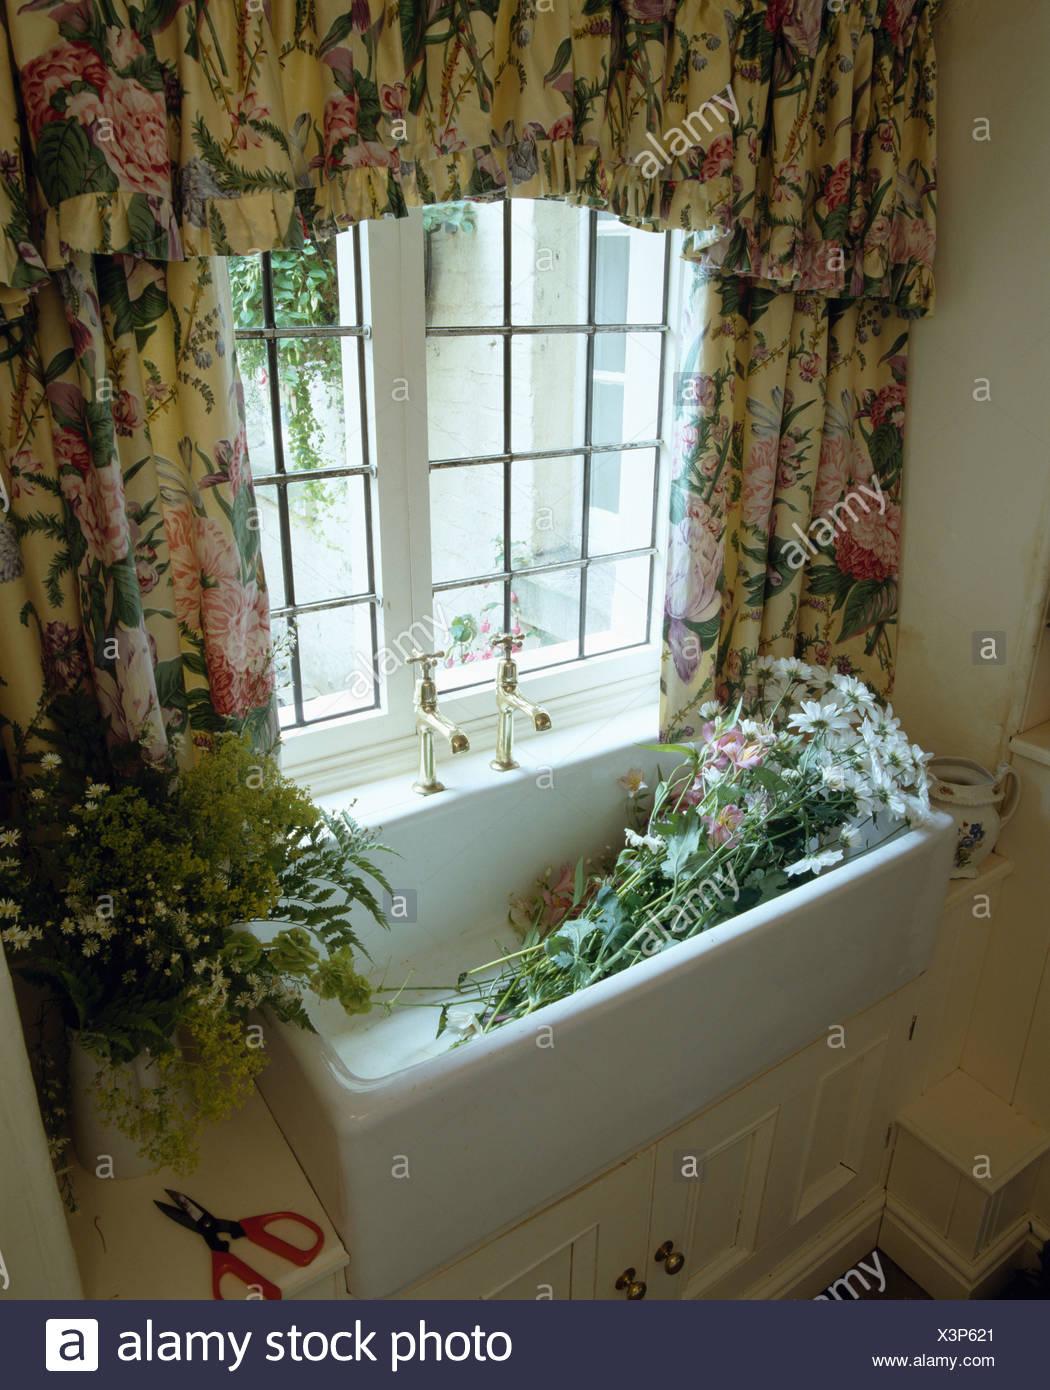 Full Size of Blumen Im Waschbecken Unter Fenster Mit Floral Gardinen Stockfoto Küche Schlafzimmer Wohnzimmer Für Die Scheibengardinen Wohnzimmer Gardinen Küchenfenster